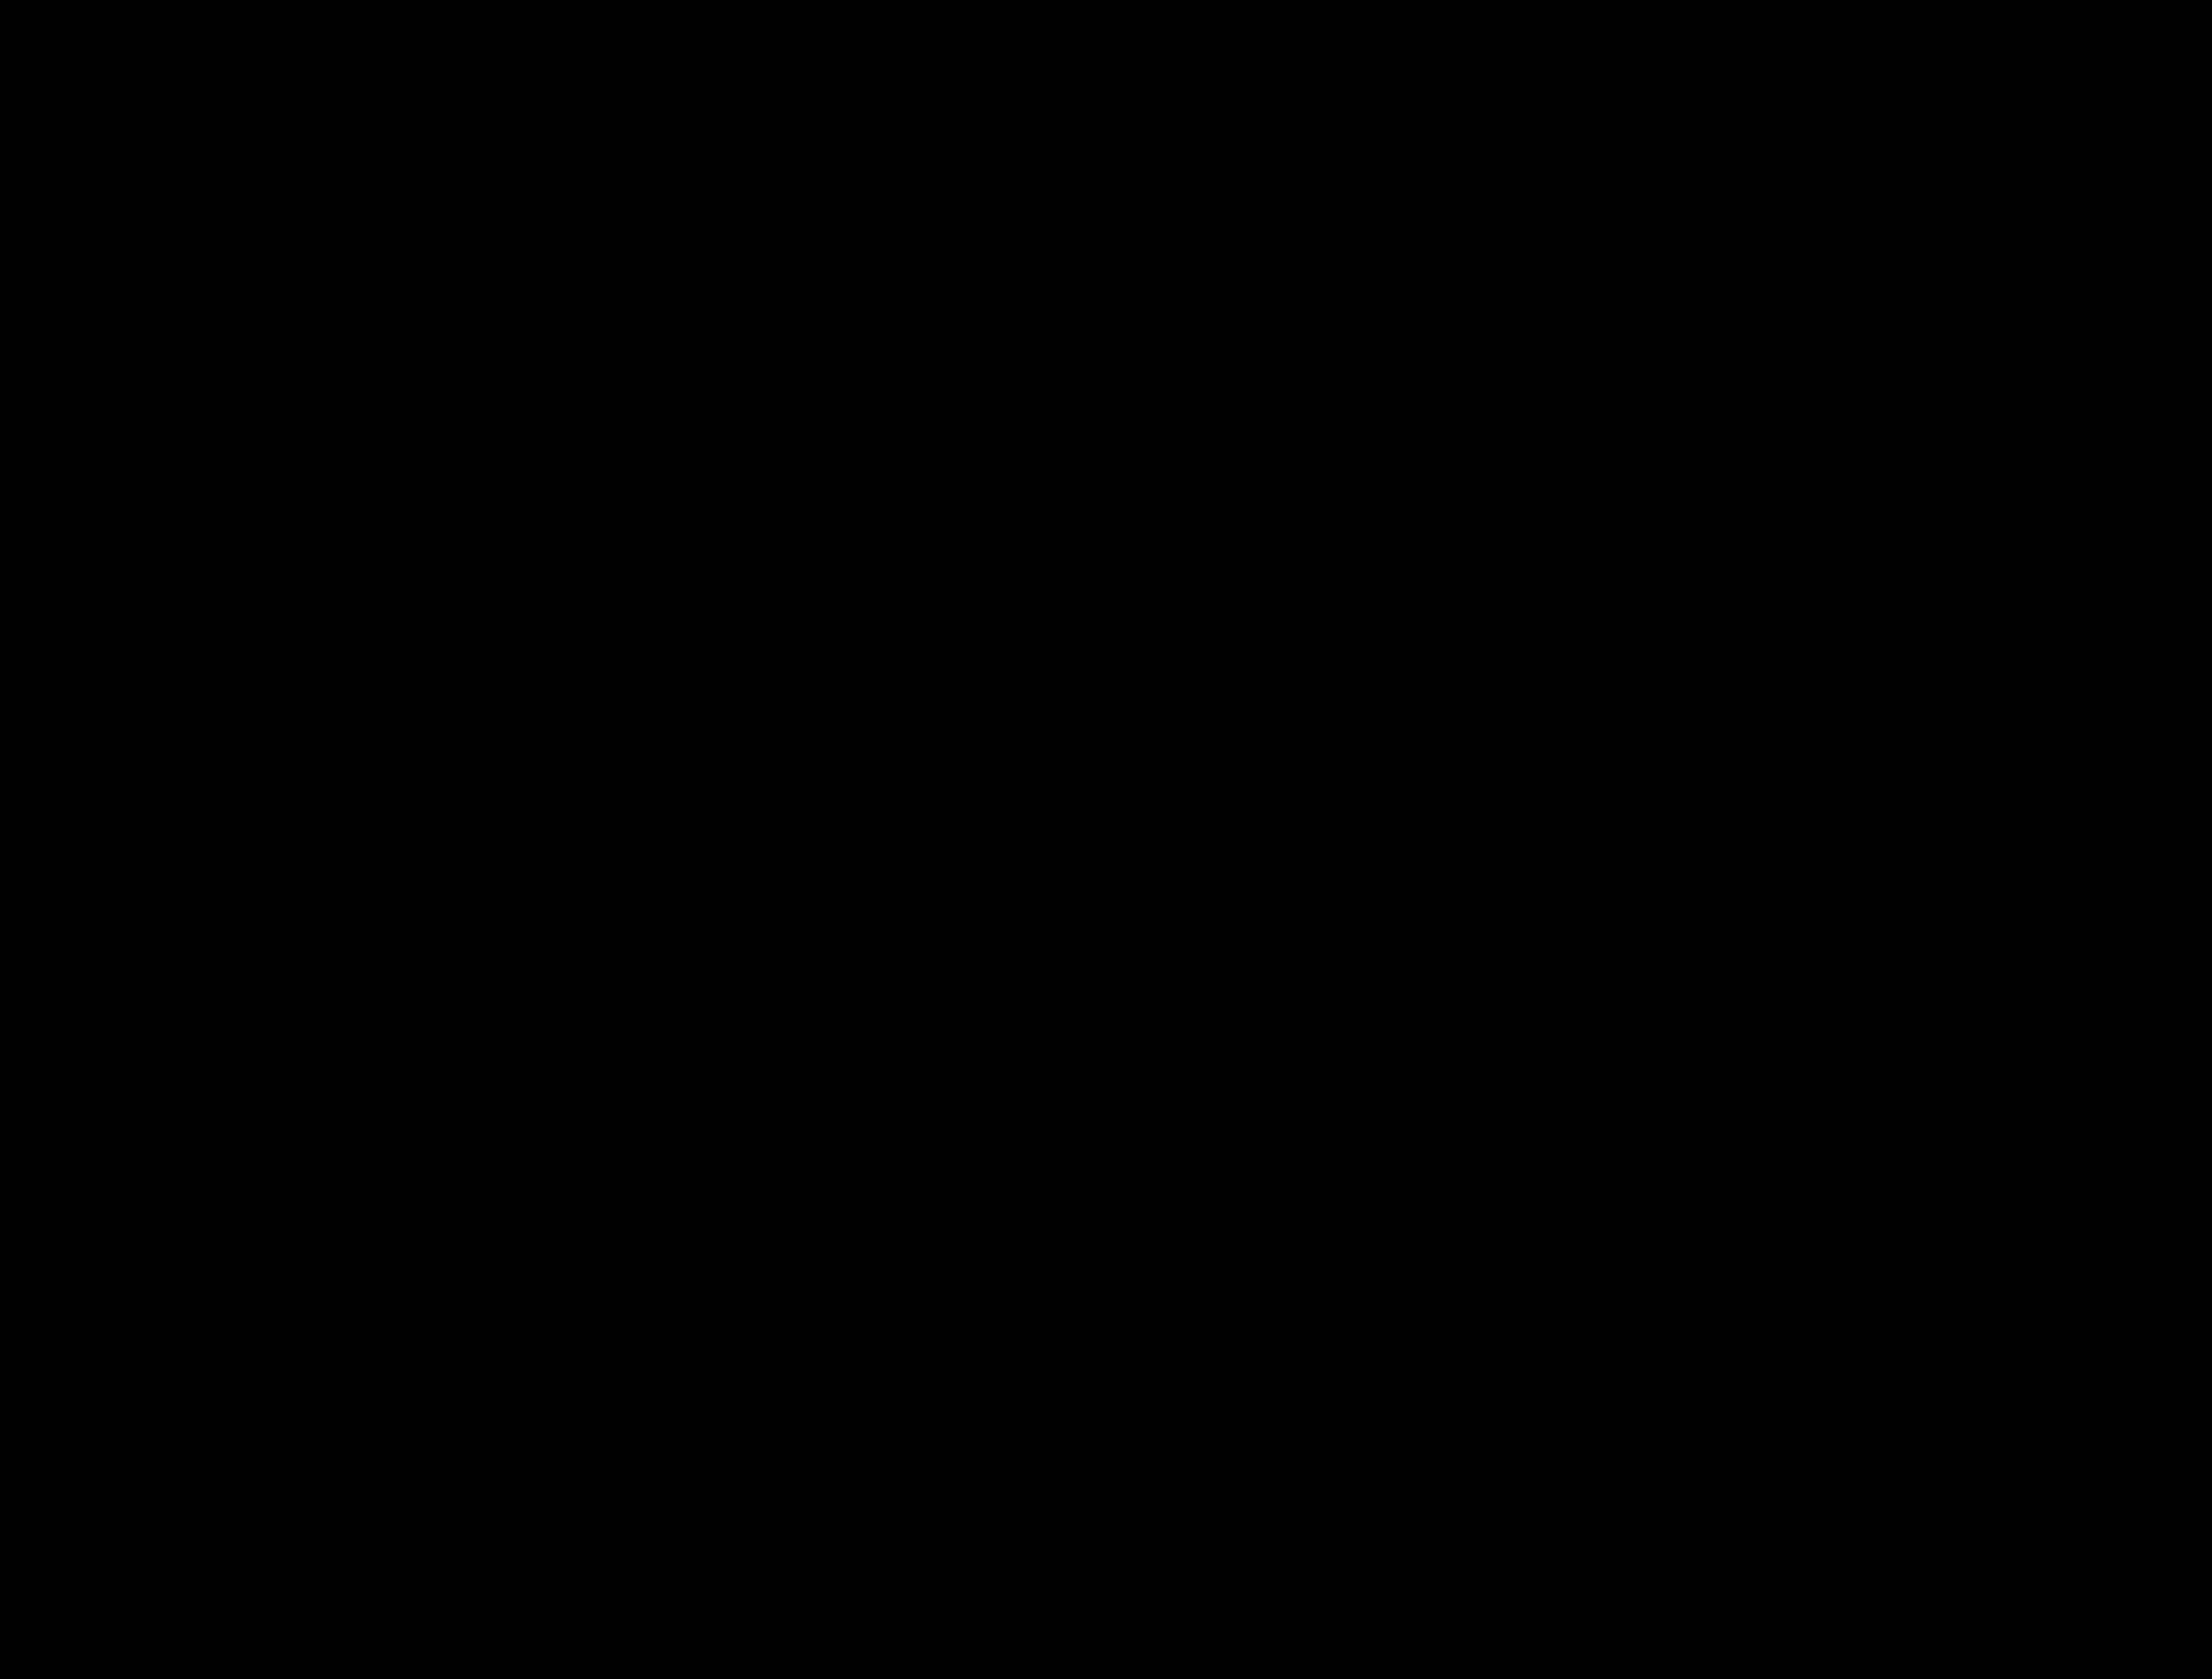 Desert Skull Drawing at GetDrawings